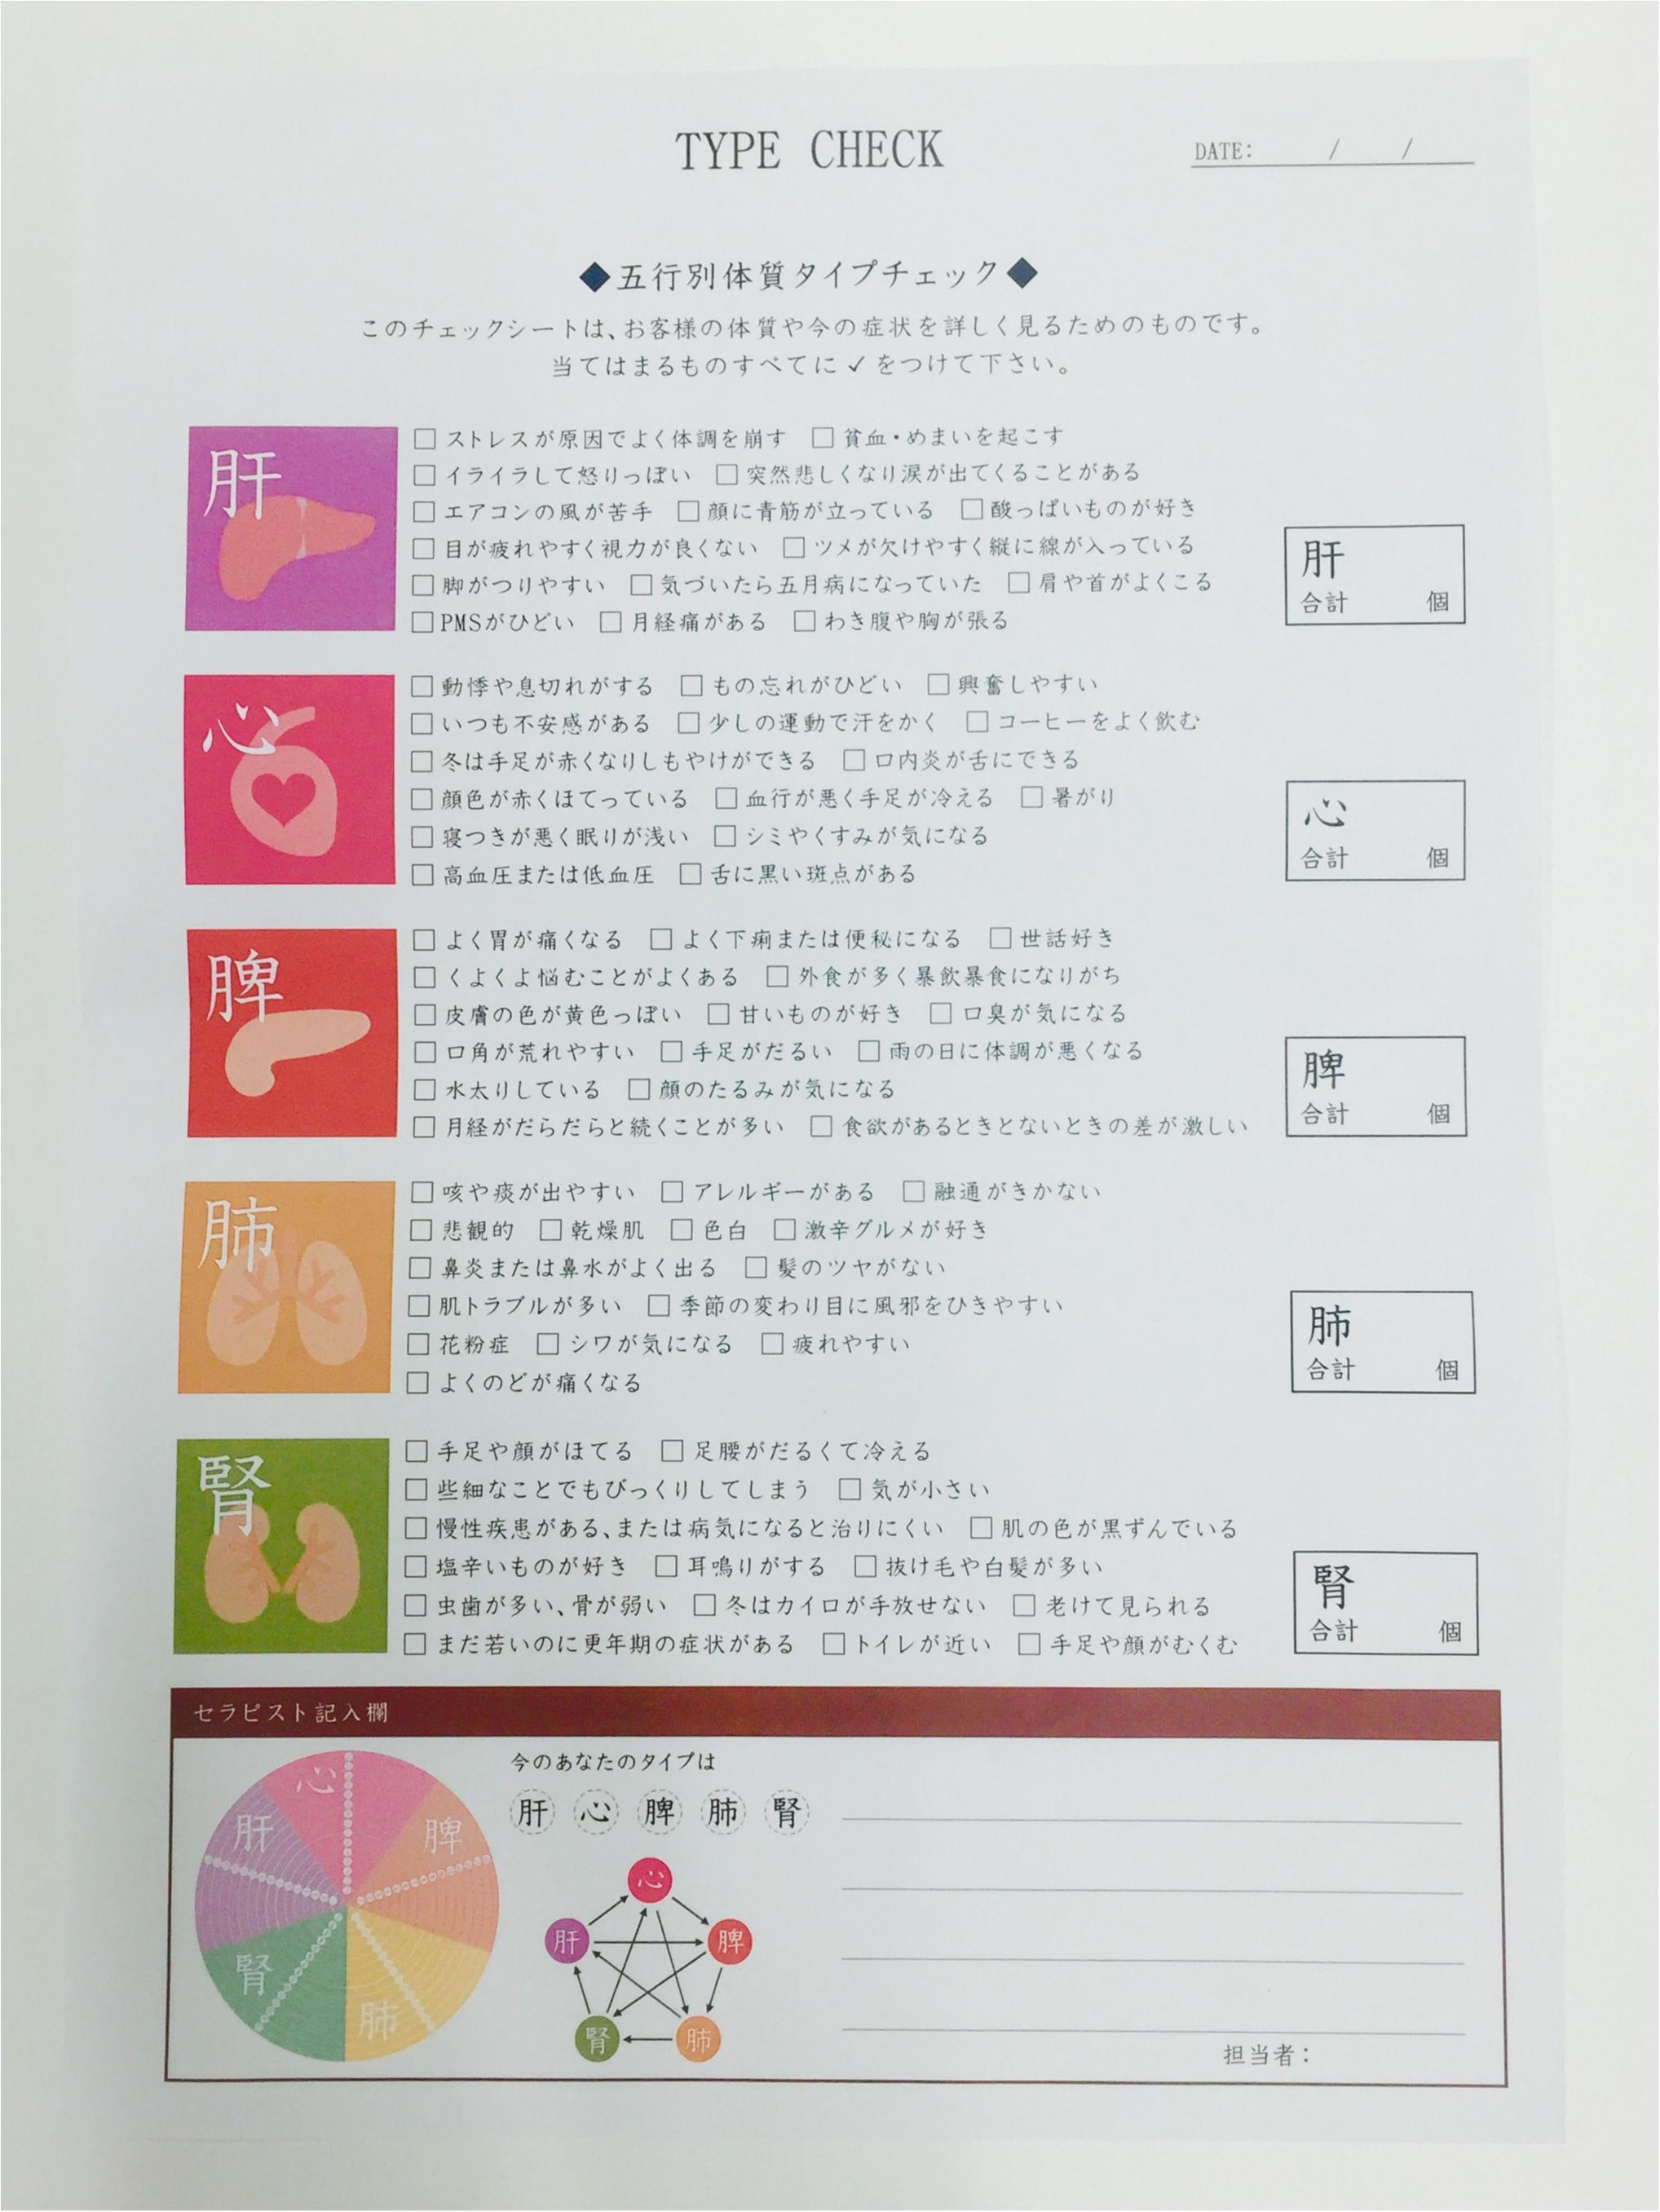 炭酸オイル×鍼灸×エステのコラボ!! 恵比寿のサロン『Uruhasi(うるはし)』でめぐりUP☆_3